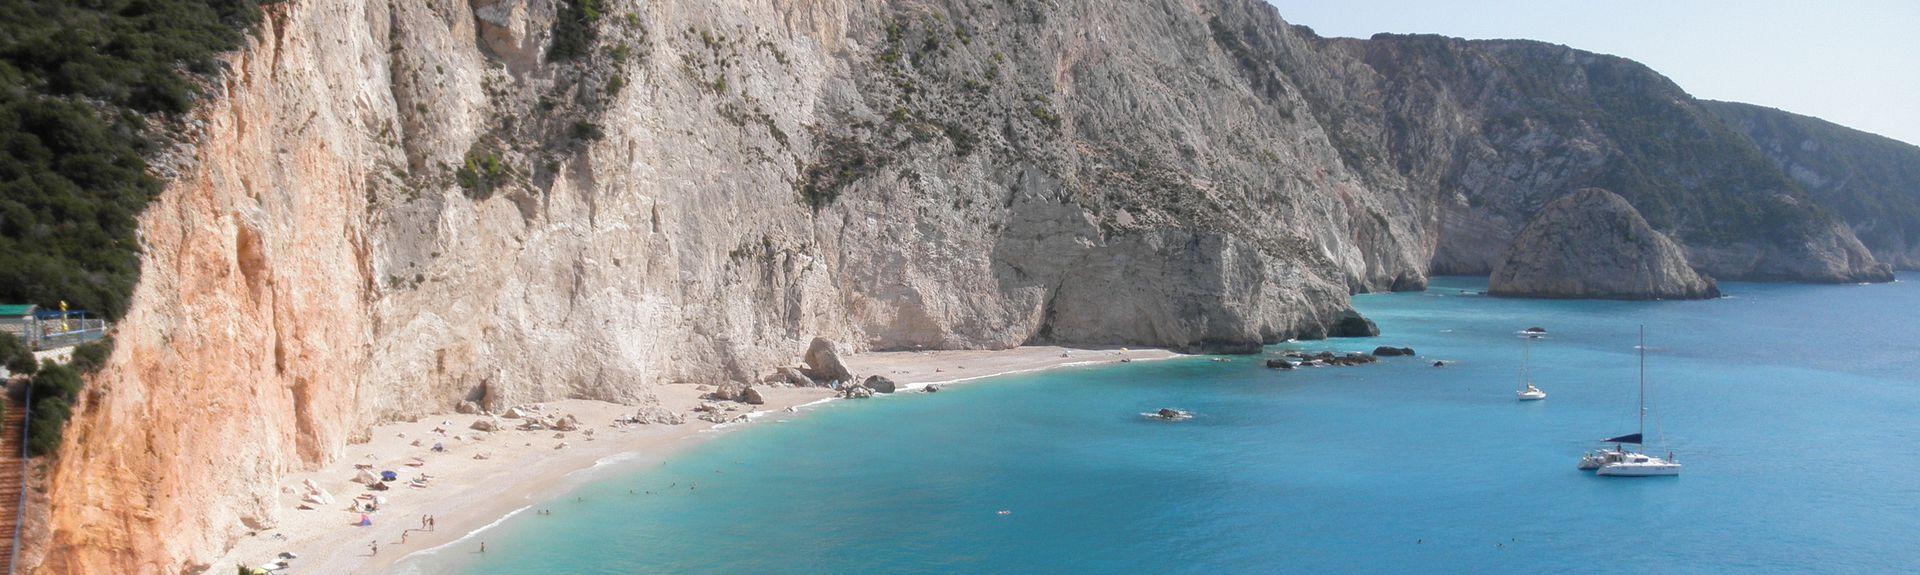 Preveza, Grækenland